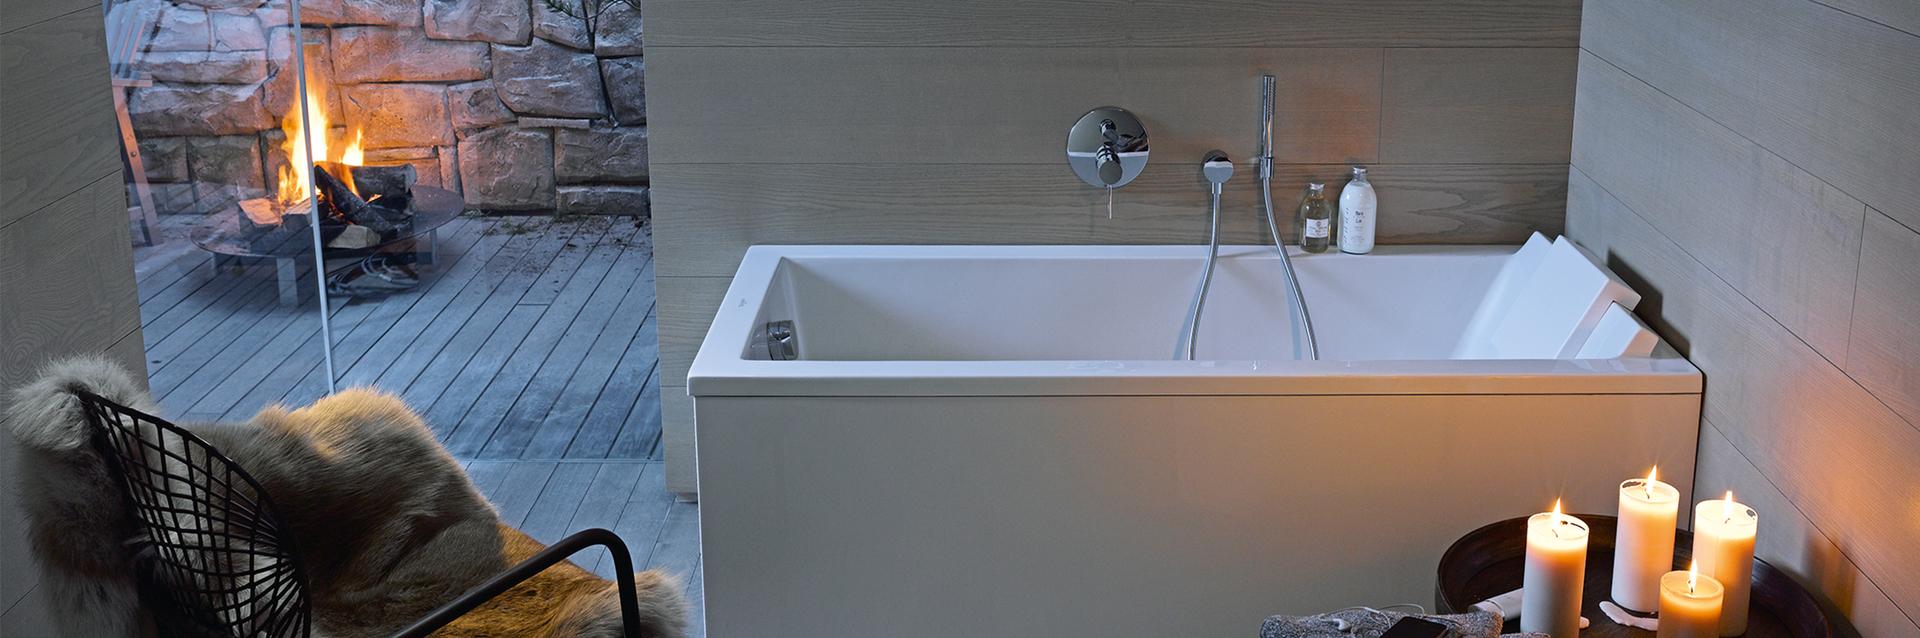 Zo maak je van de badkamer een thuisspa - Zo maak je van de badkamer een thuisspa